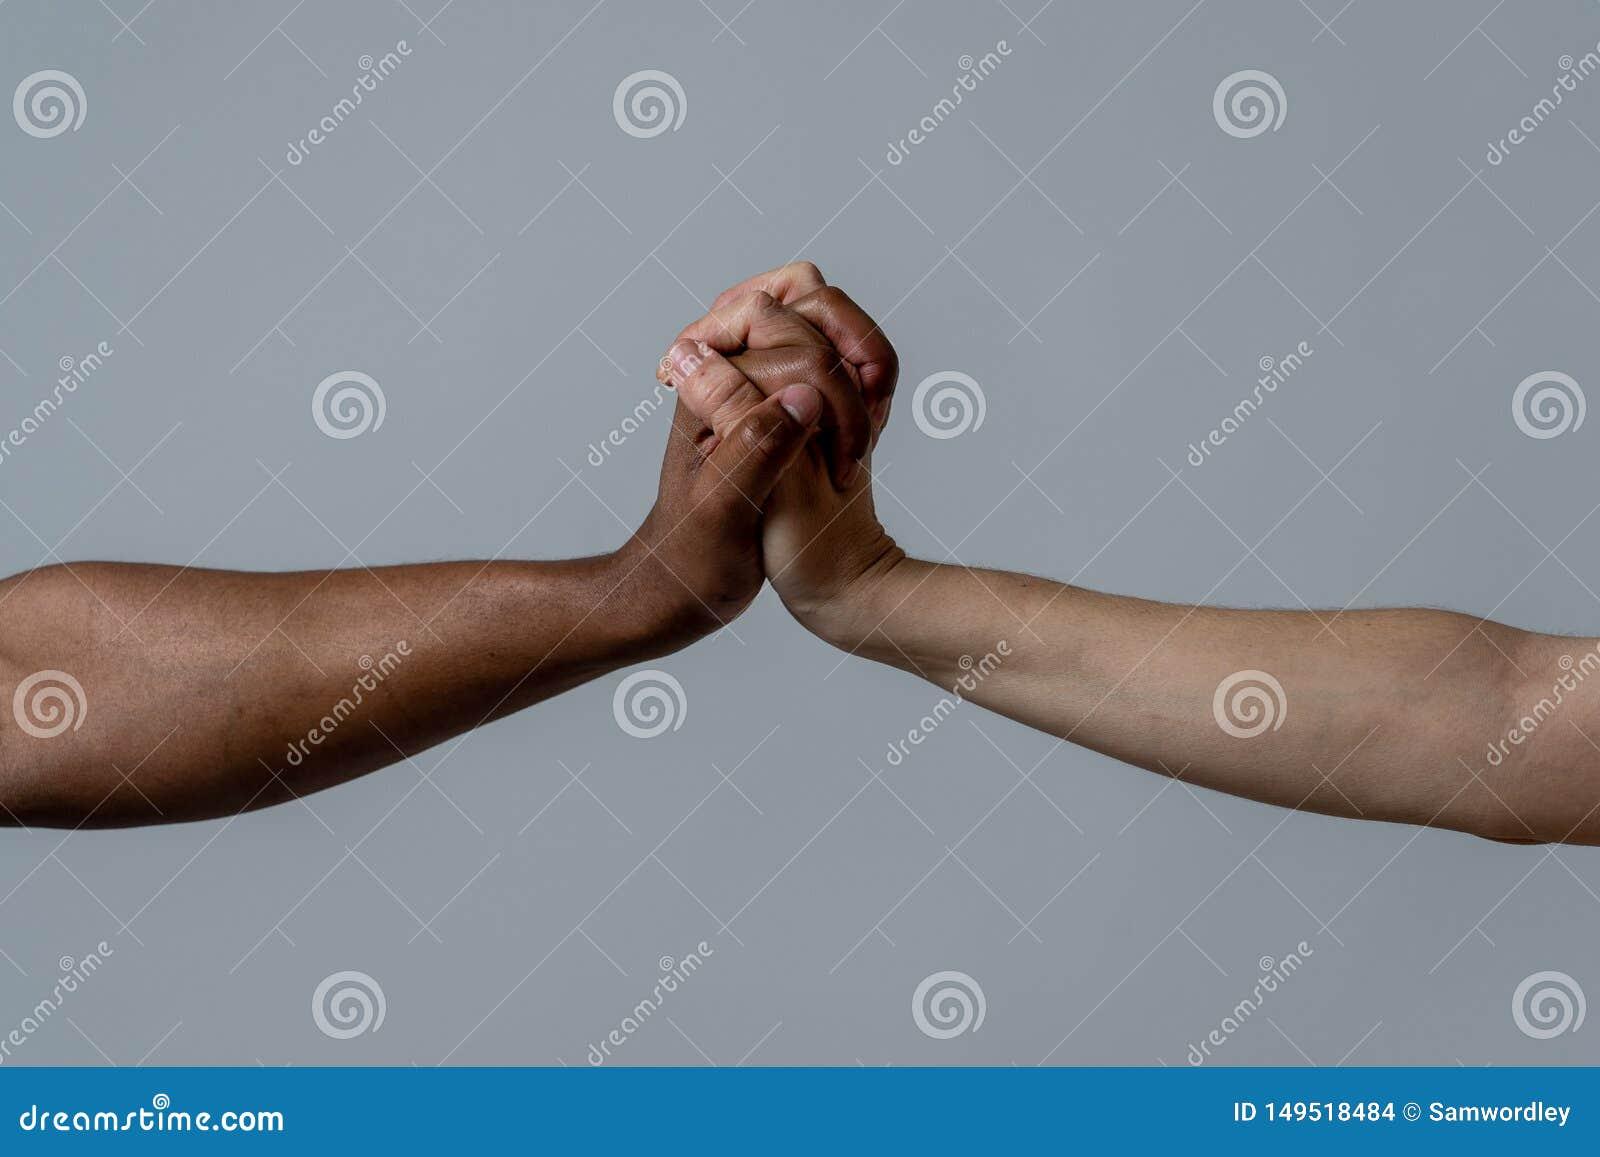 Rasy jednoczy? dla lepszy ?wiatu Konceptualny wizerunek przeciw rasizmowi